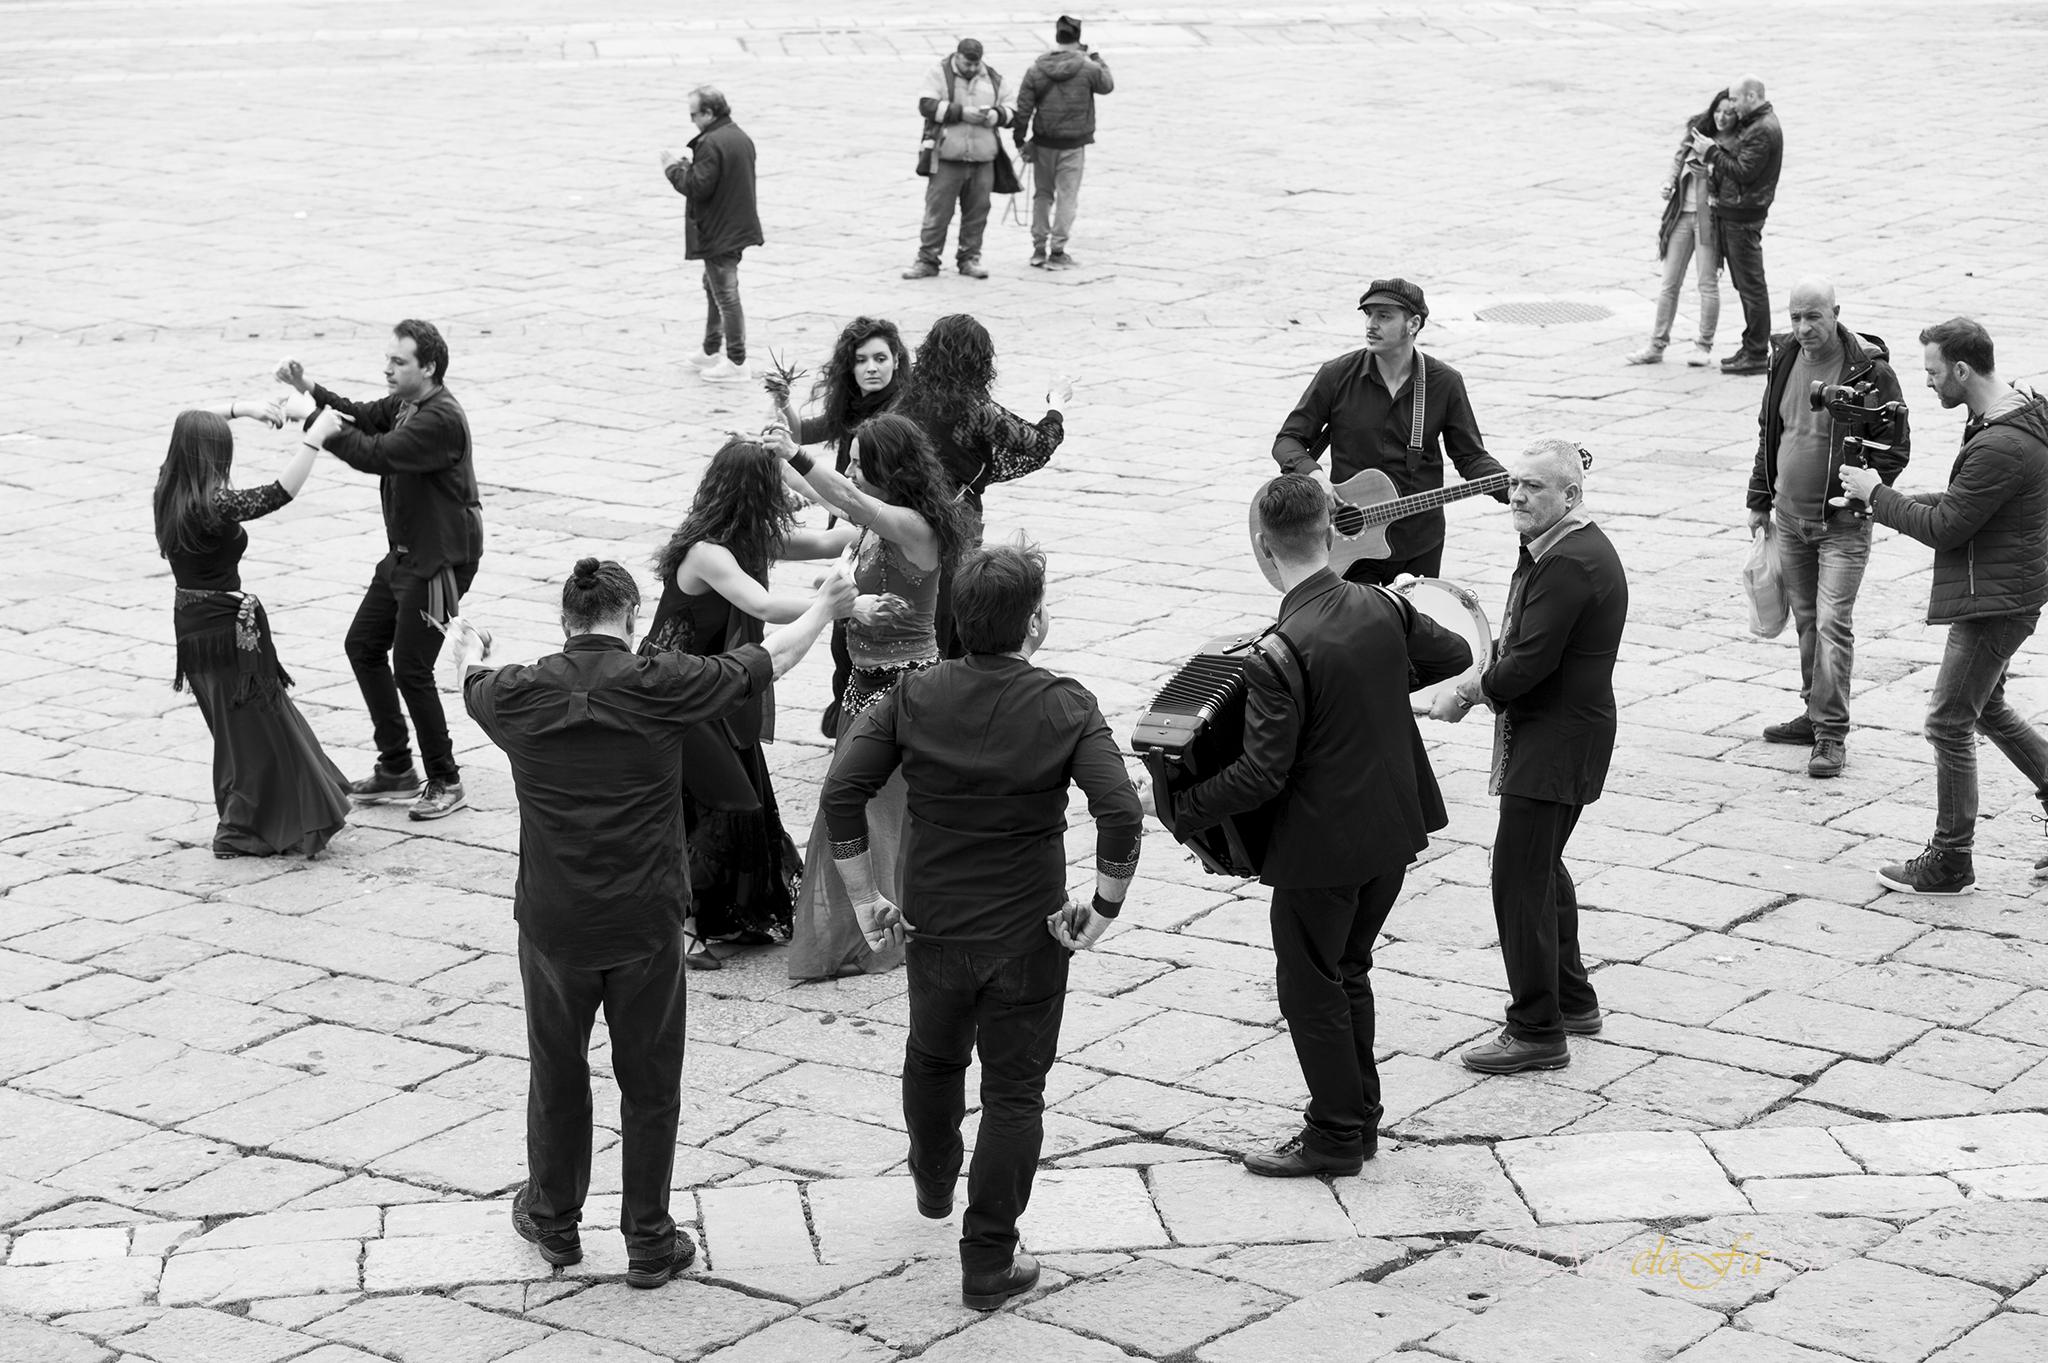 posteggia napoletana, posteggia matrimonio, posteggia napoletana compleanno, posteggia napoletana napoli, gruppo posteggiatori, la posteggia napoletana, agenzia, musica, napoli, cantanti, gruppo musicale, posteggia classica napoletana,